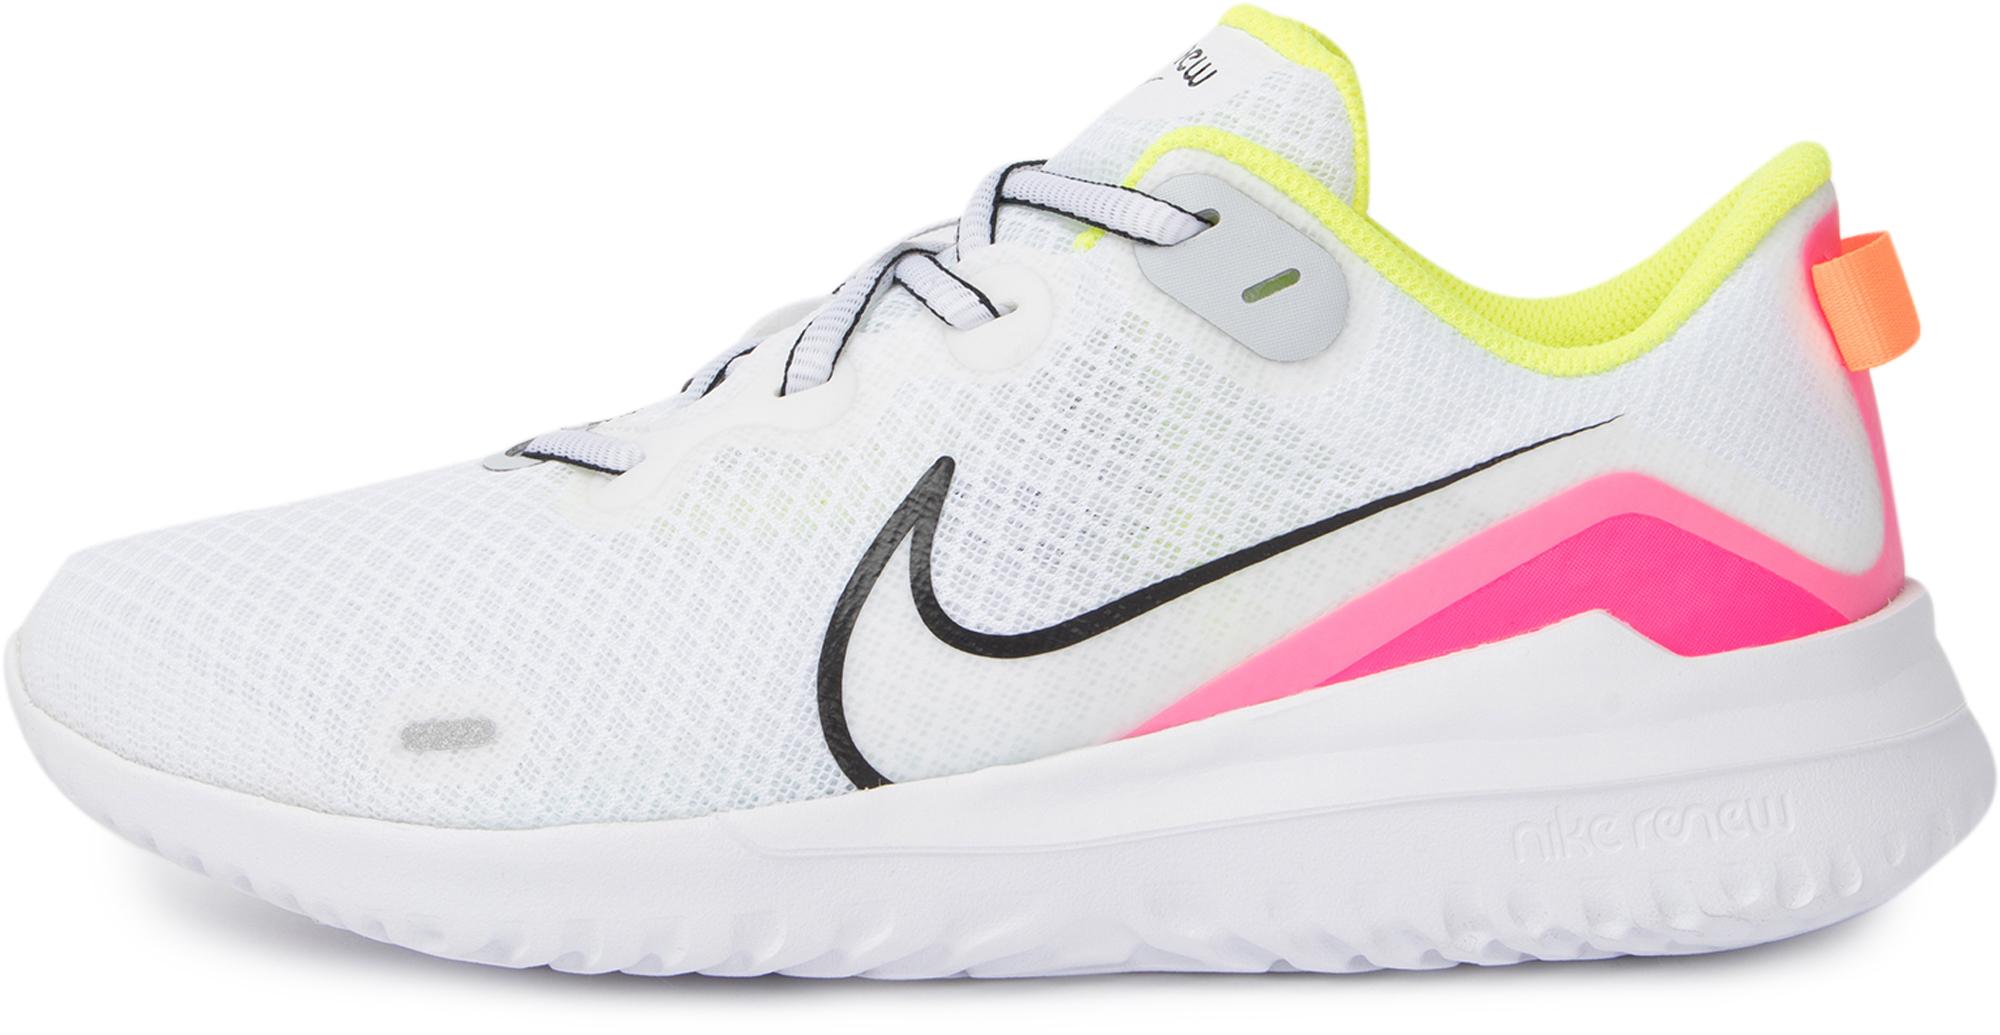 Nike Кроссовки женские Renew Arena 2, размер 35